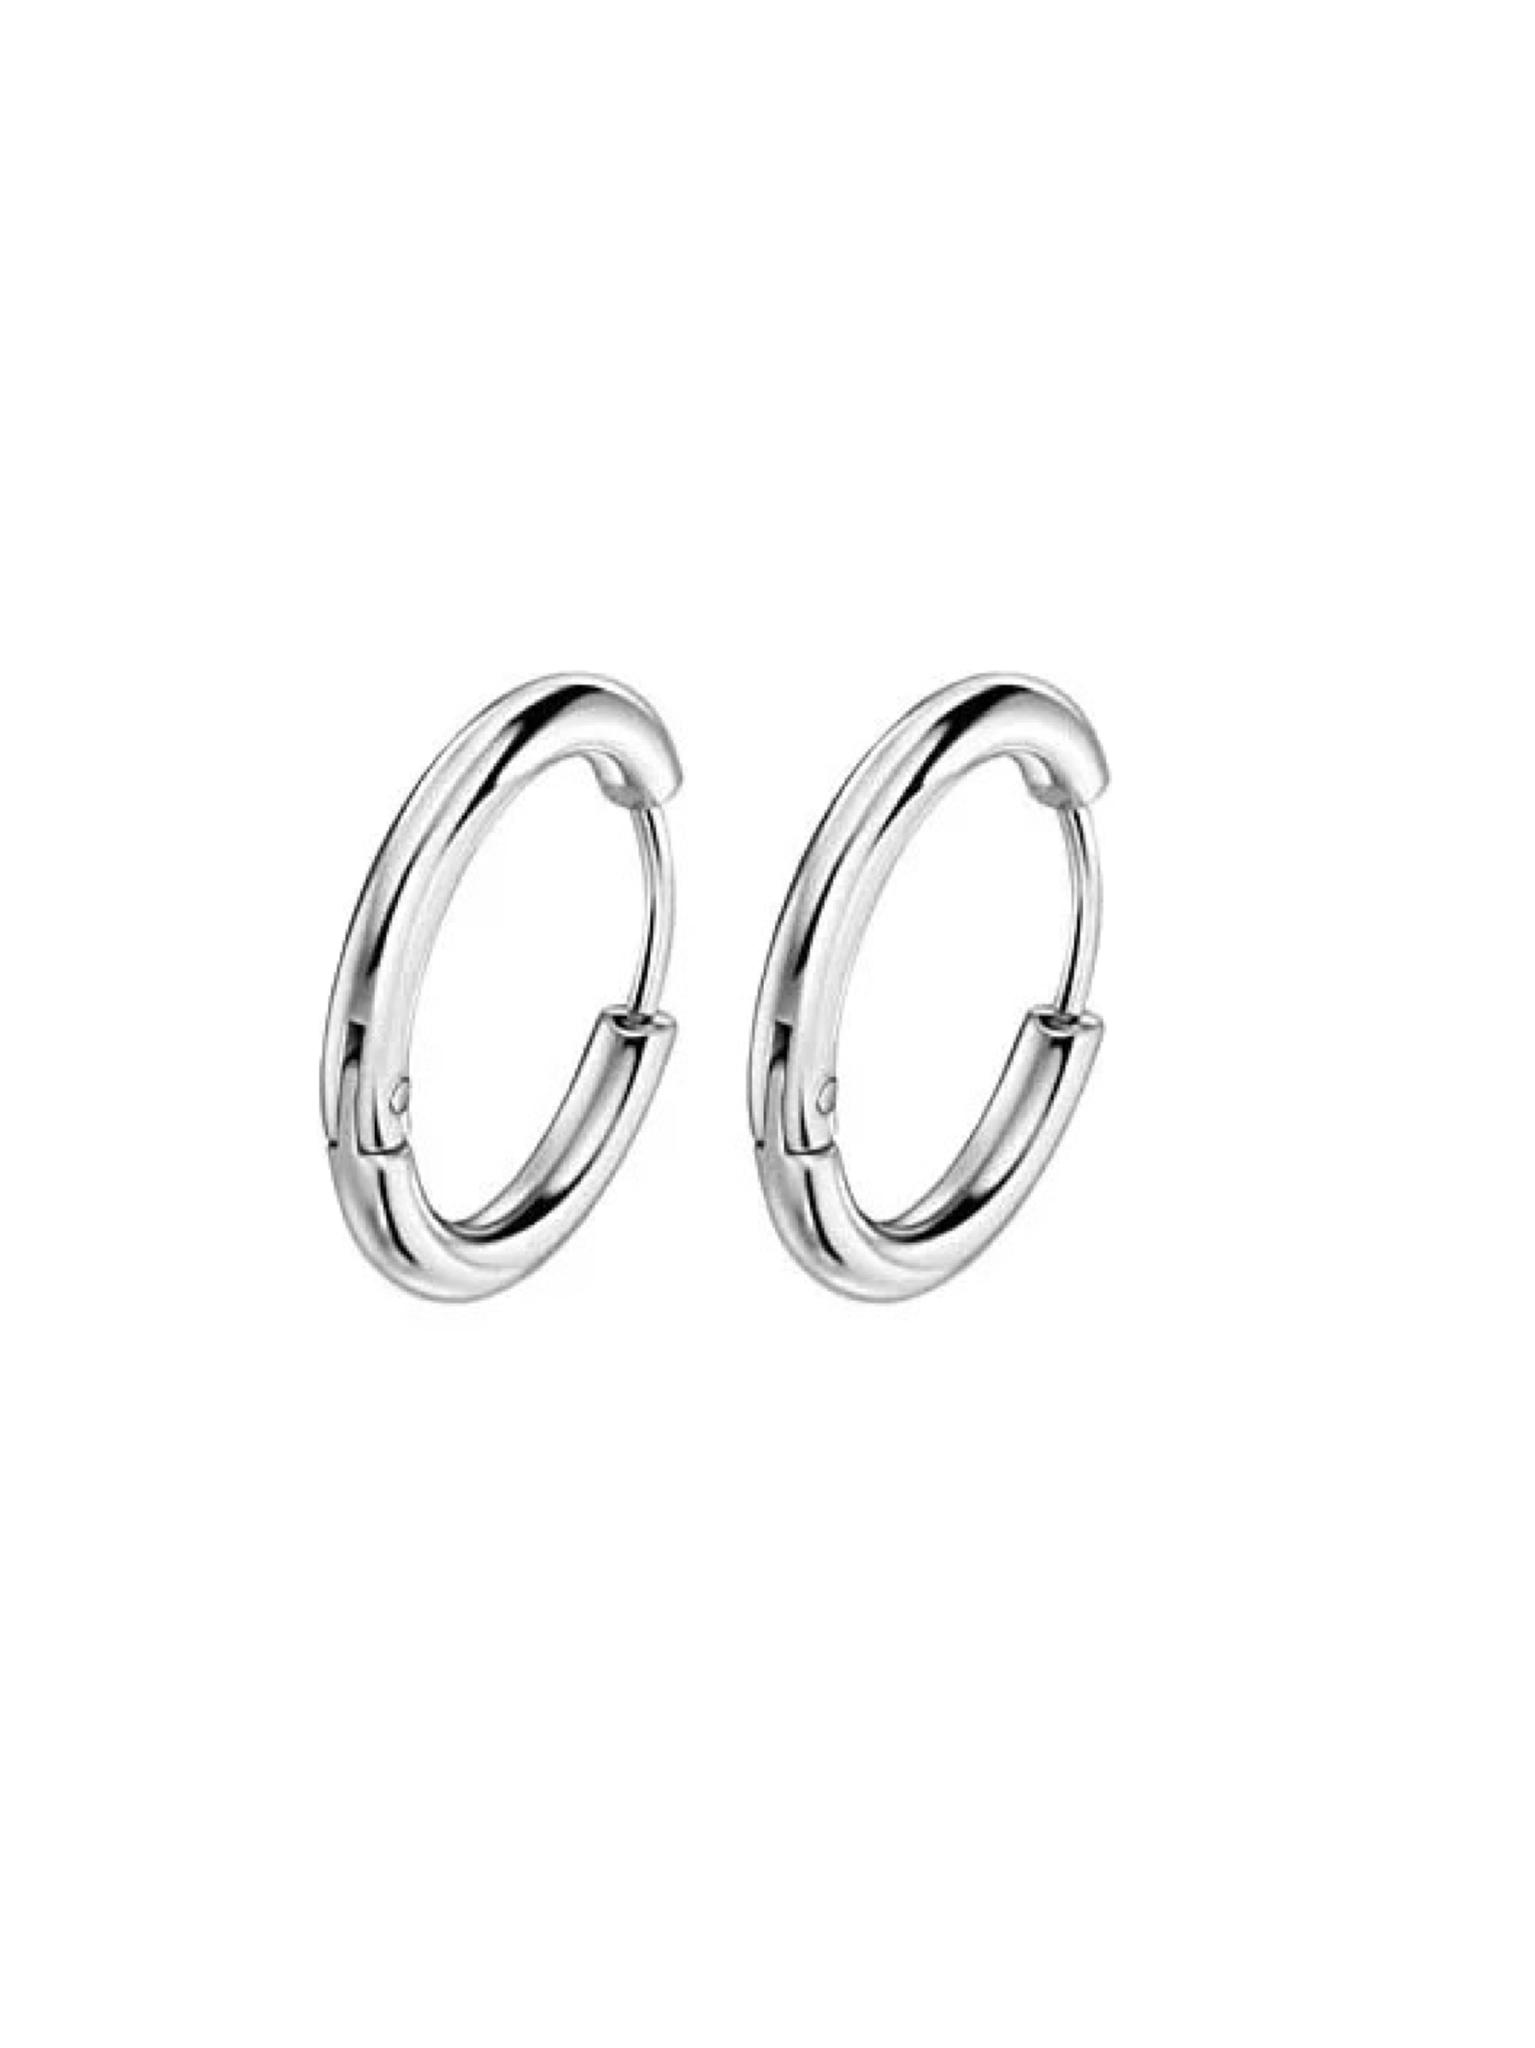 Серьги-кольца тонкие 14 мм